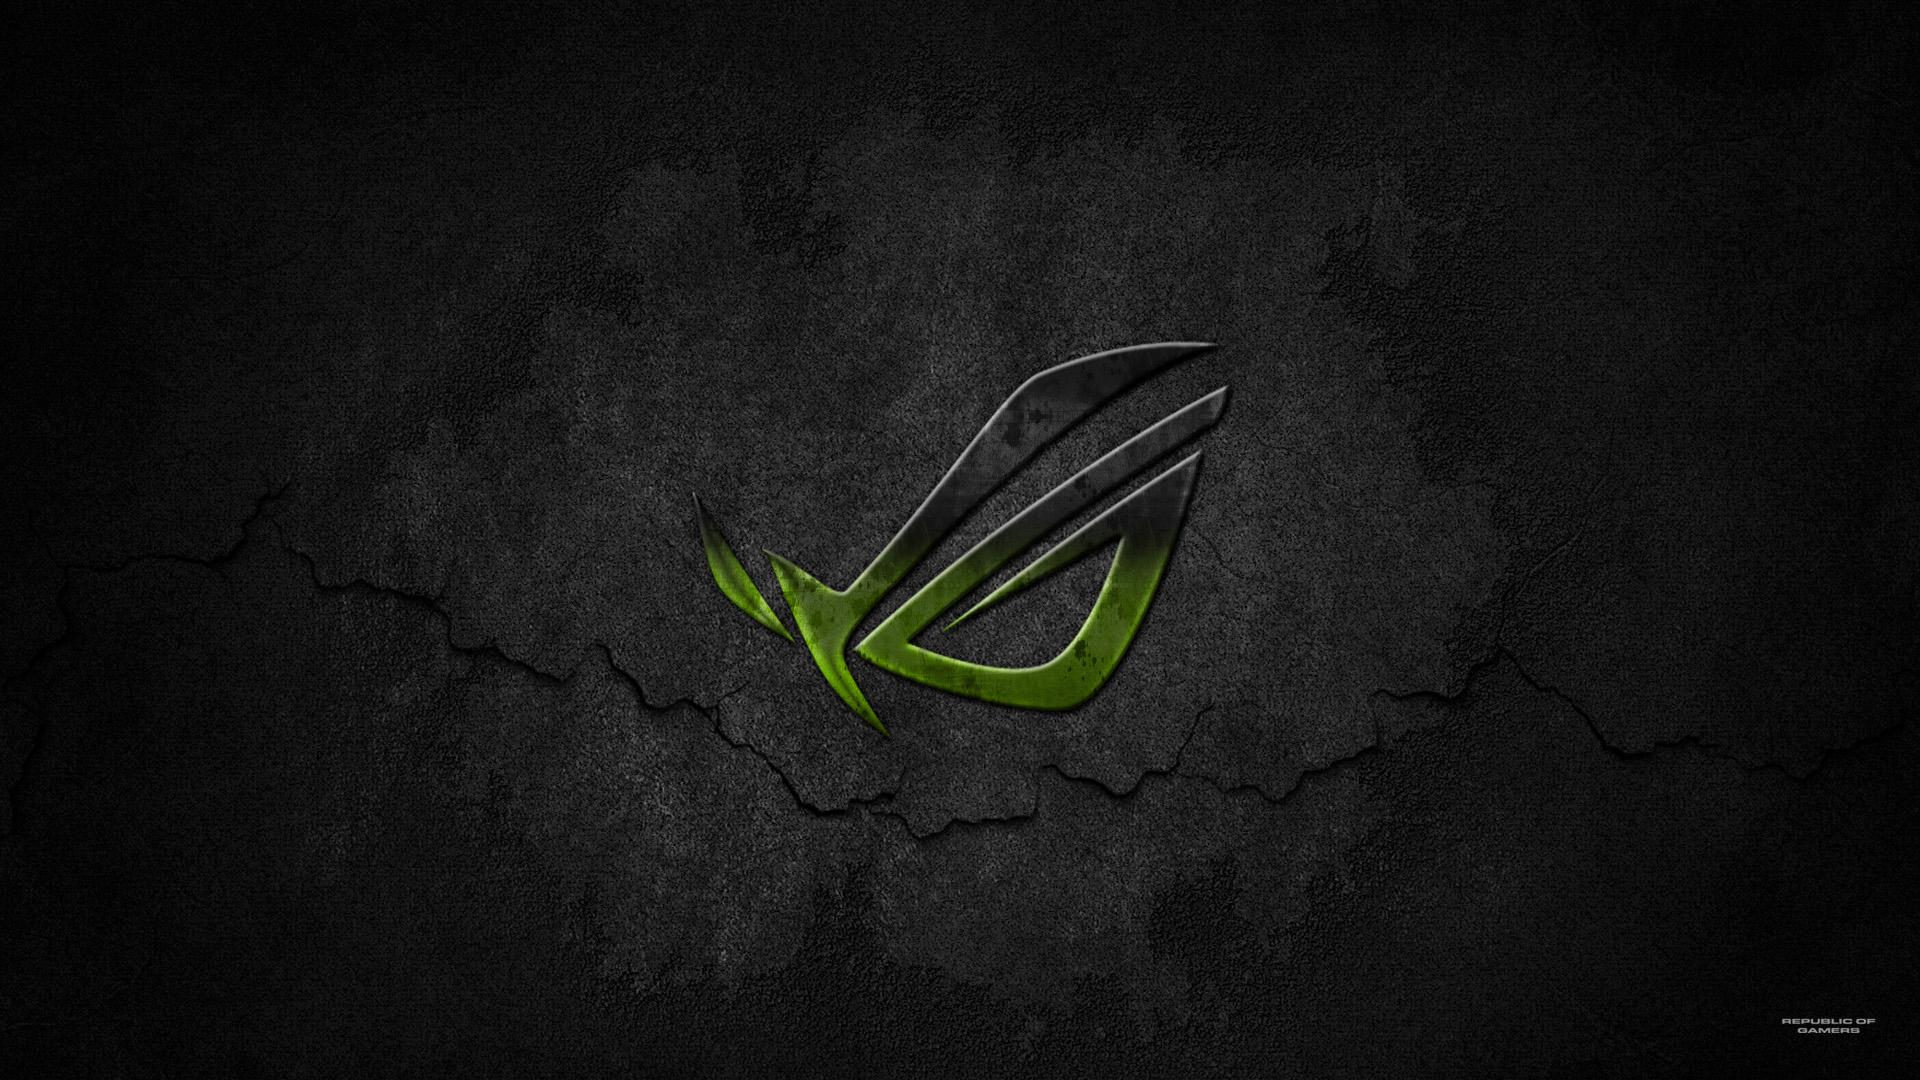 Asus Green Wallpaper: Premium ROG Wallpaper